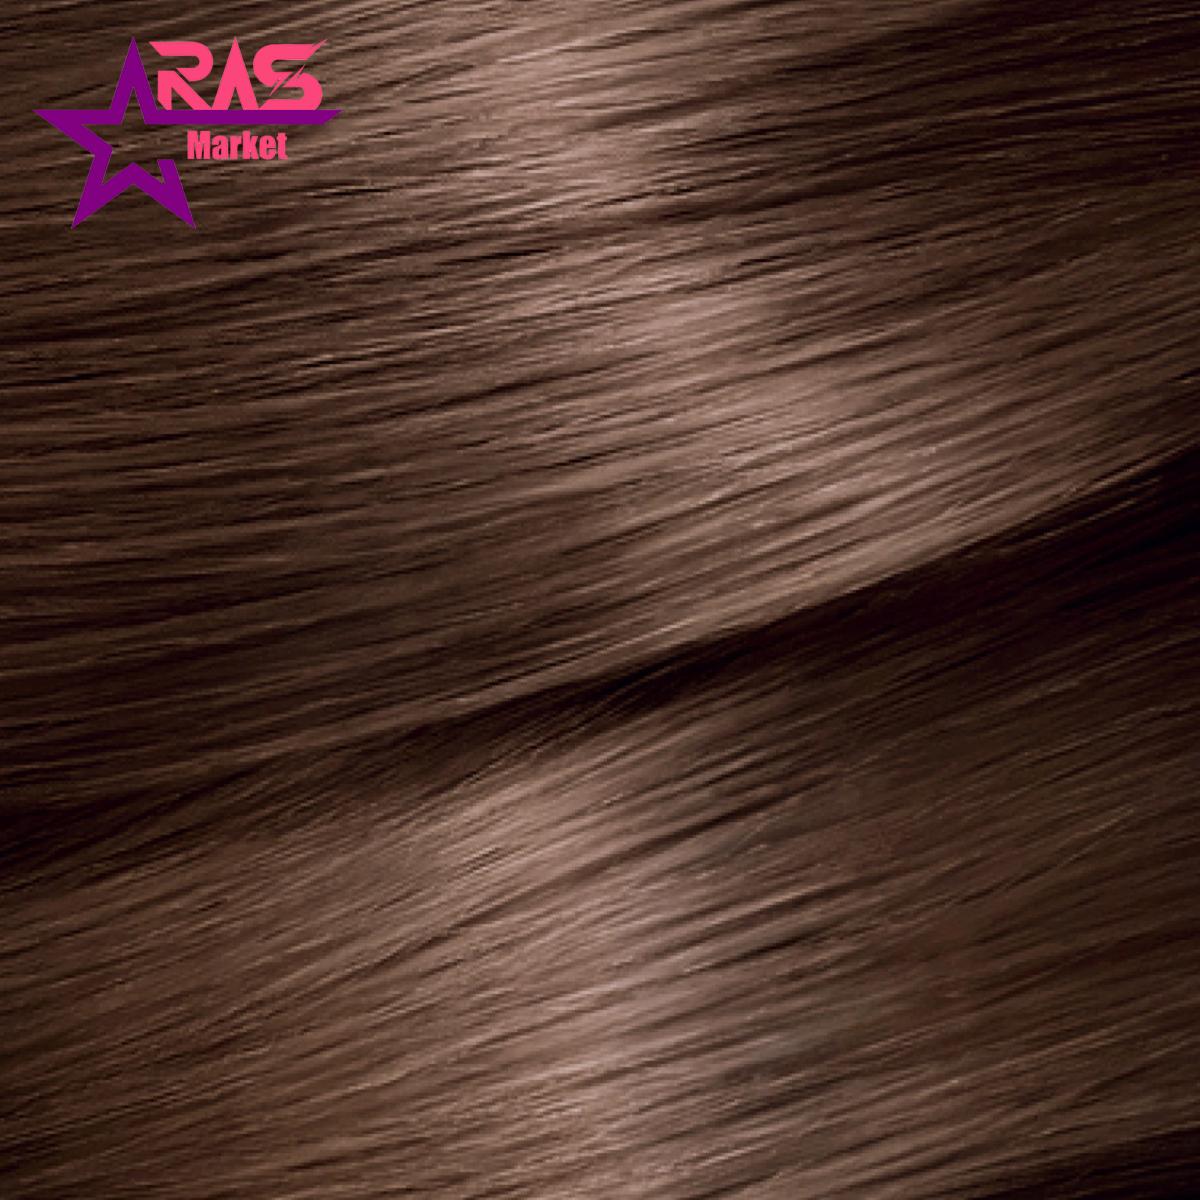 کیت رنگ مو گارنیر سری Color Naturals شماره 5 ، فروشگاه اینترنتی ارس مارکت ، رنگ موی گارنیر